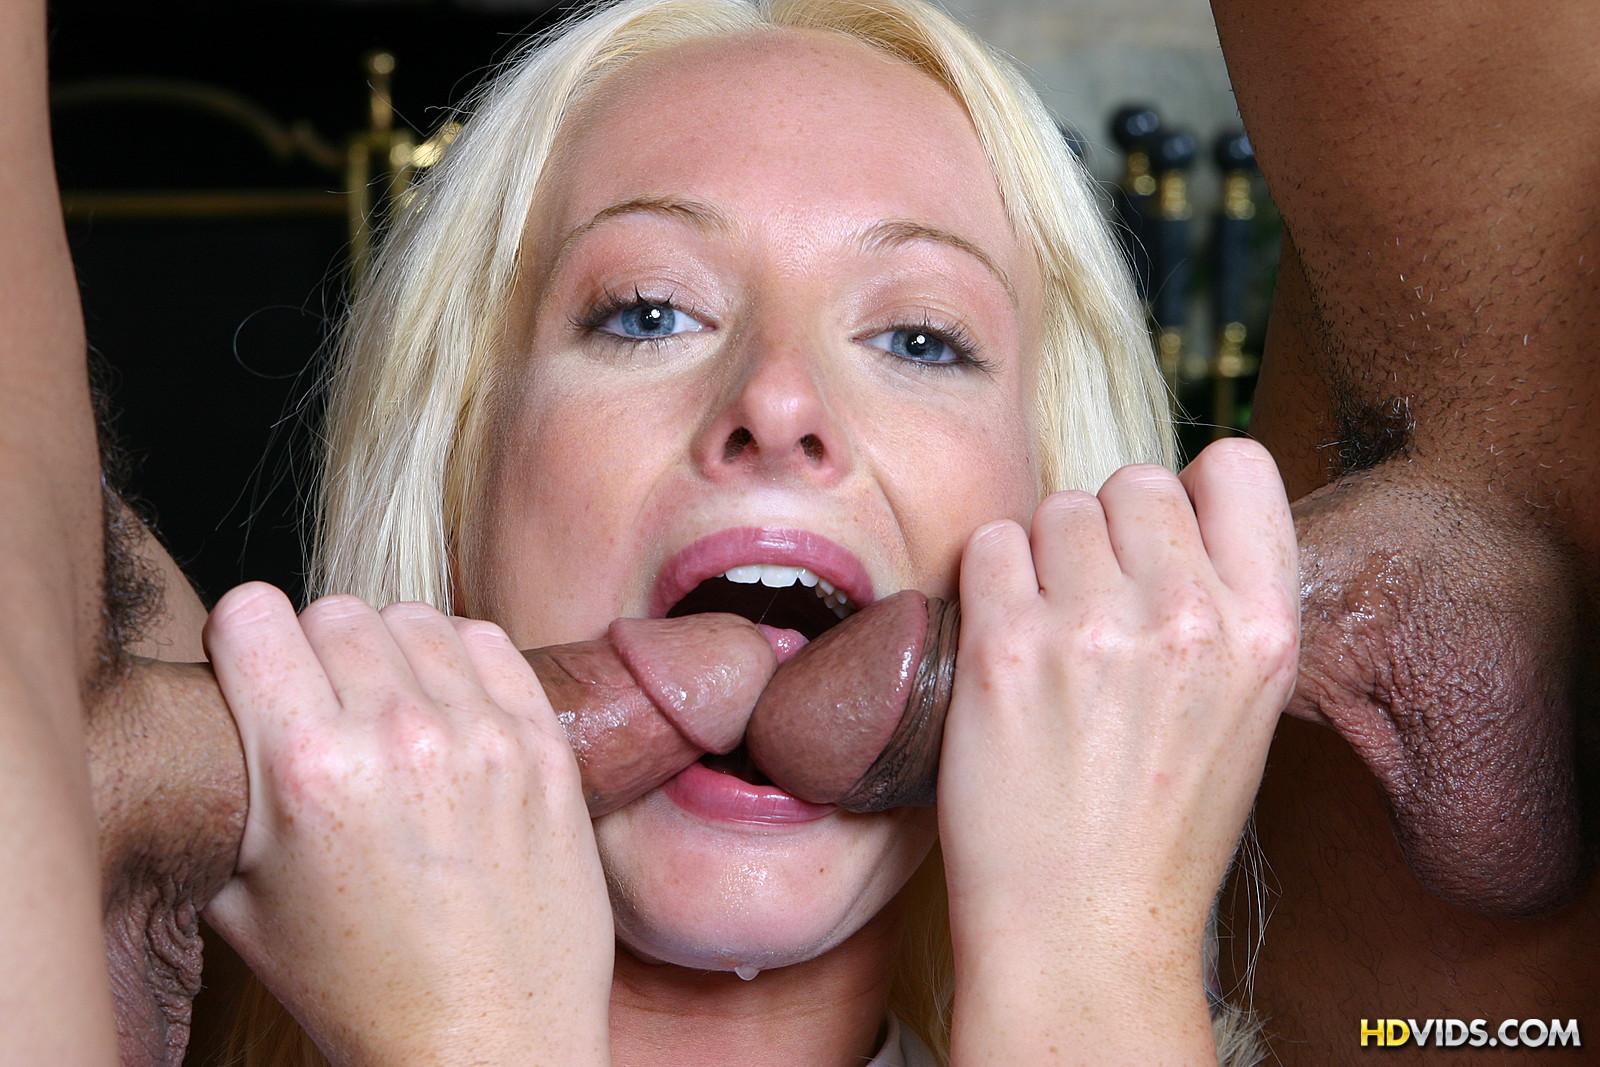 Блондинка безума от того, что ее трахают два мужика с большими членами